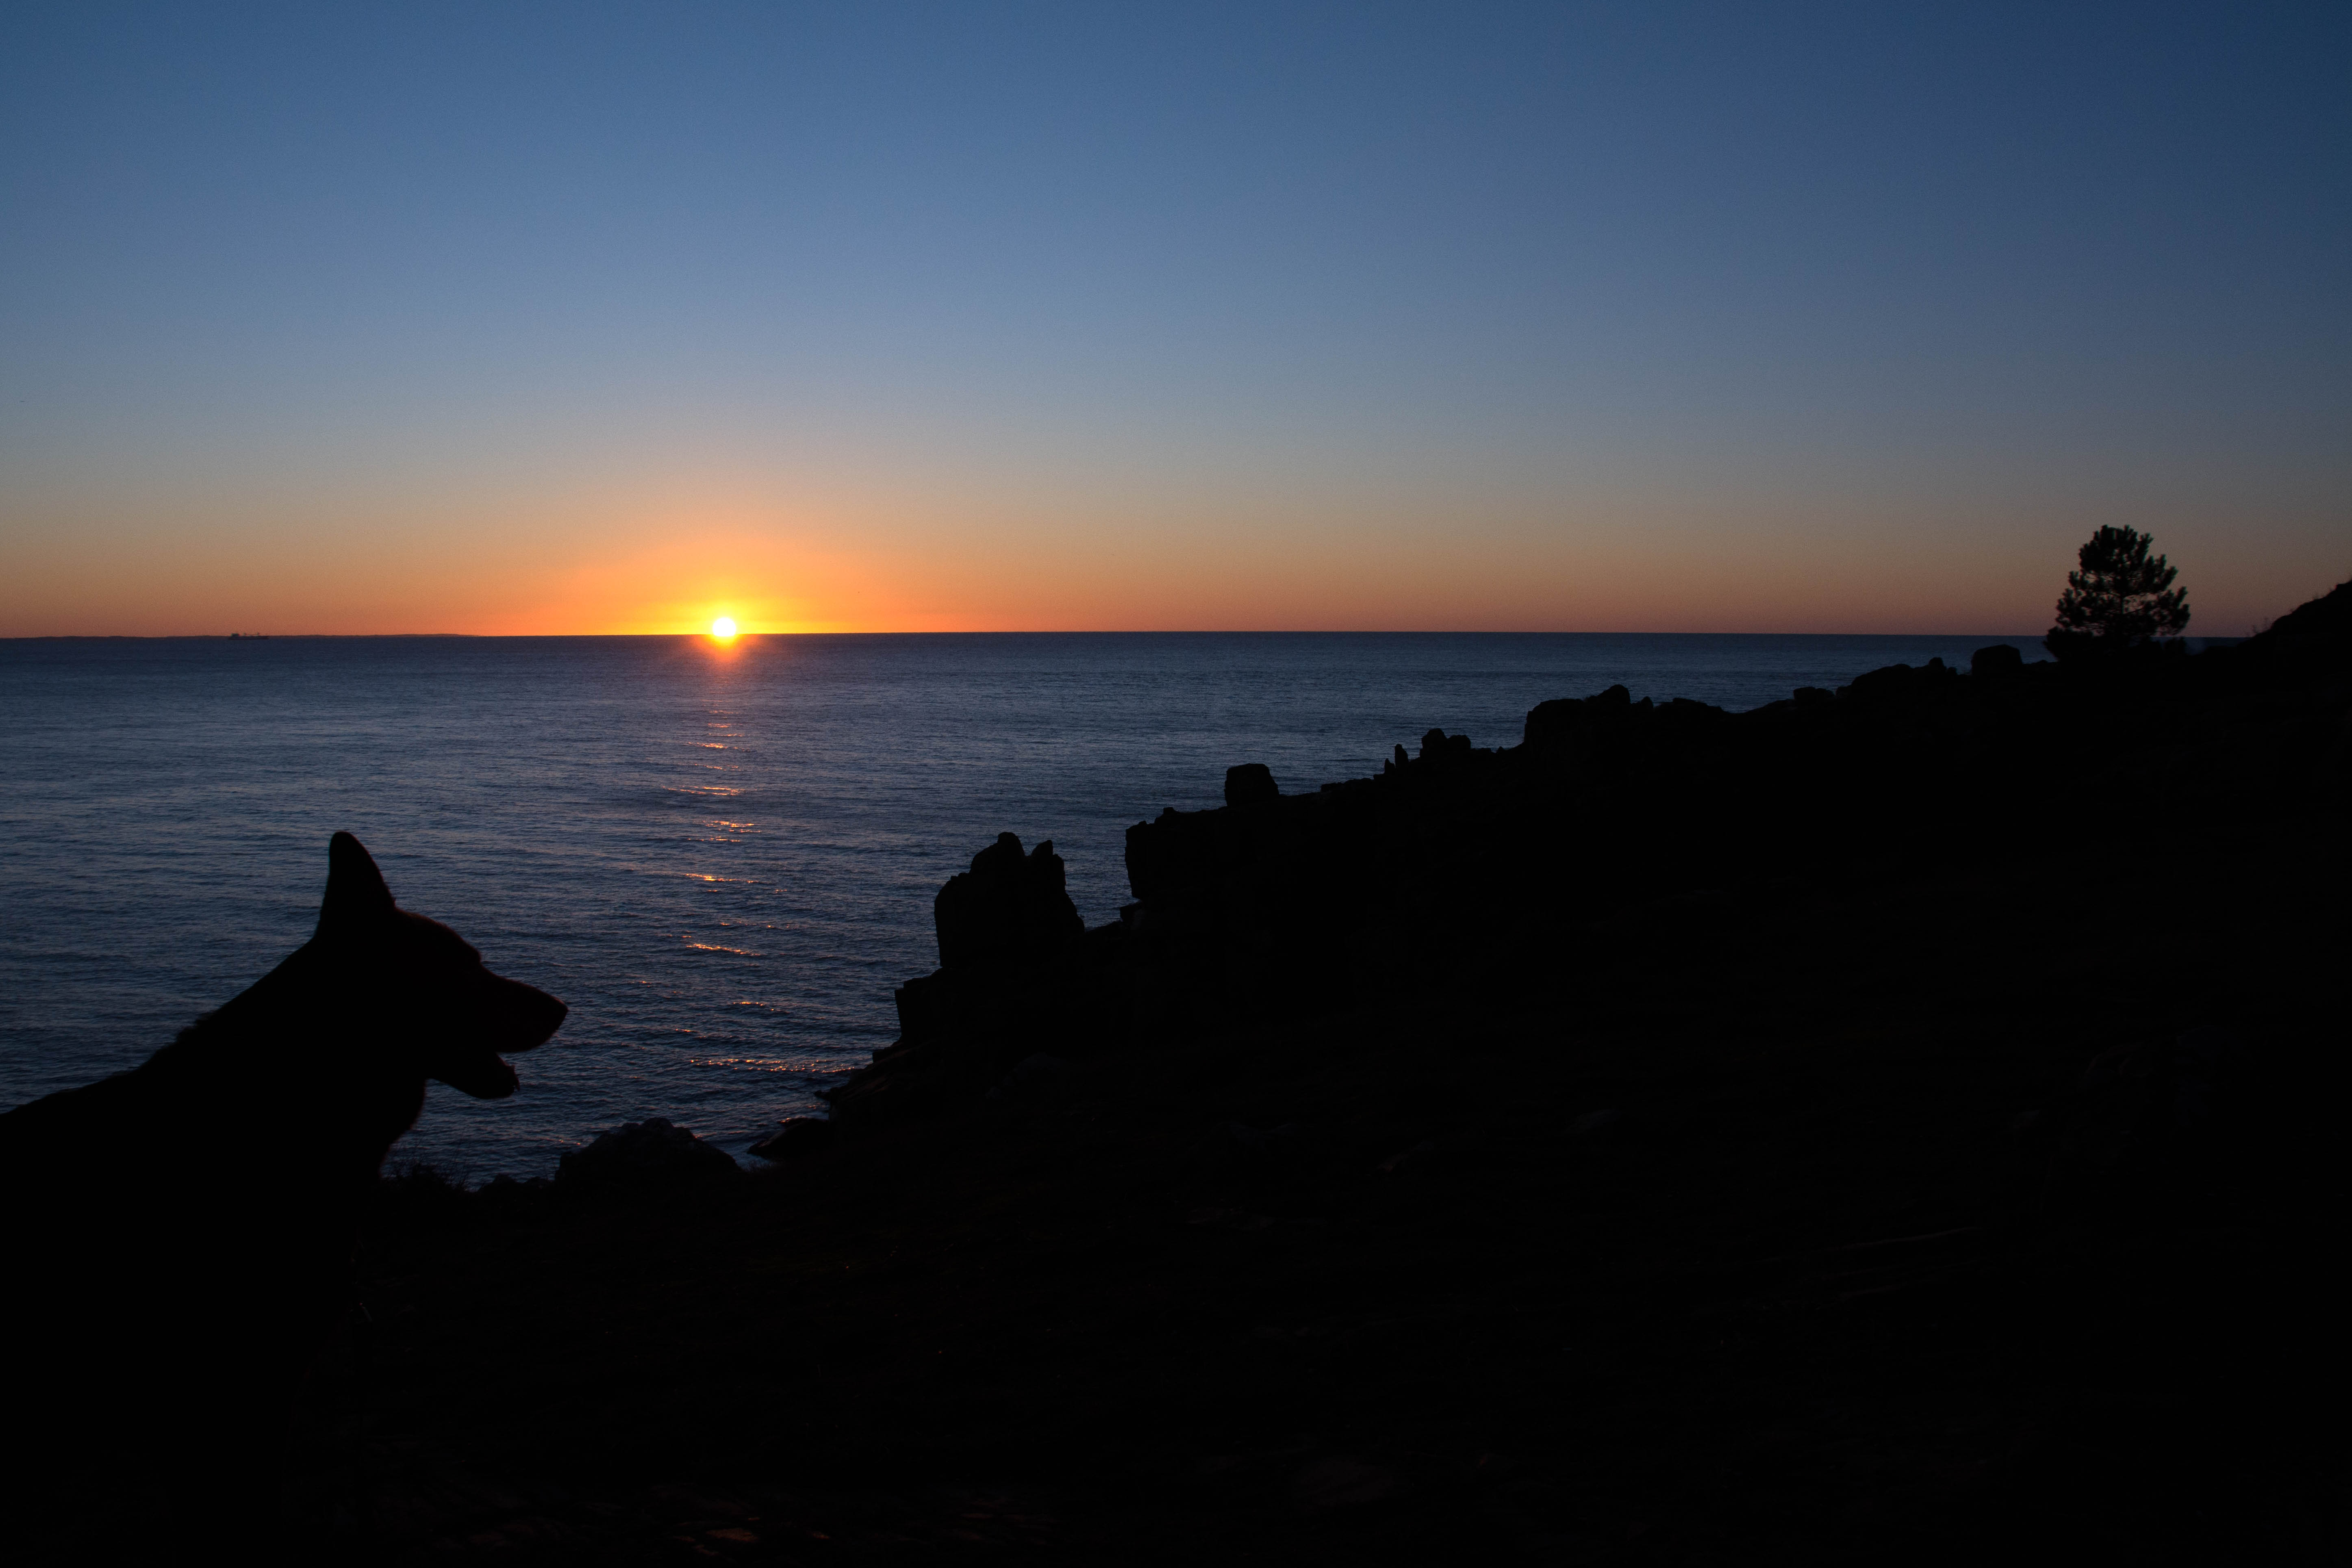 20170115-Kullaberg sunset view.jpg